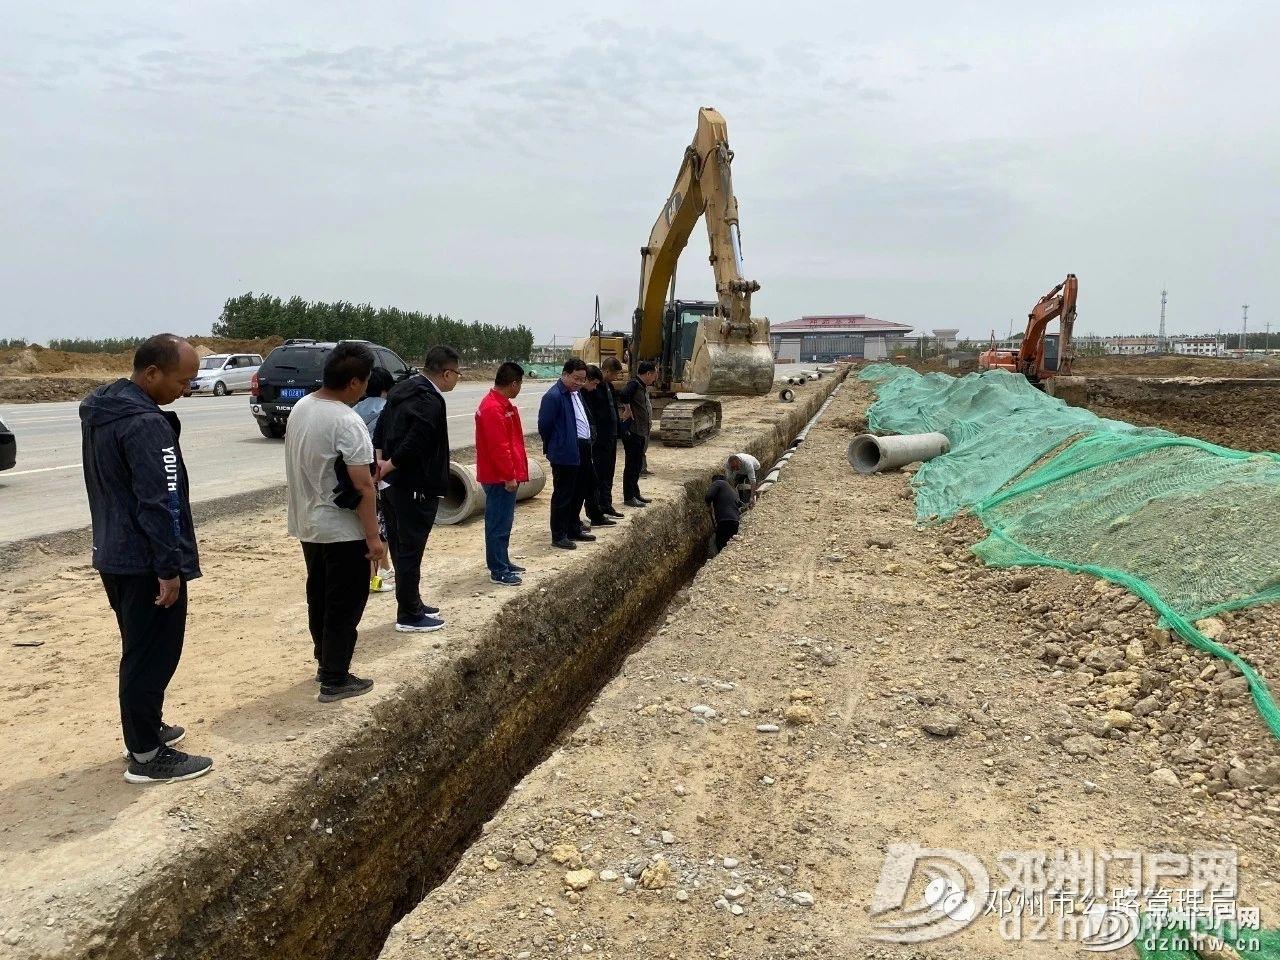 邓州迎宾大道升级改造项目最新进展!还有这些项目... - 邓州门户网|邓州网 - 6d760fefcbd1a30a5df0791fc189938a.jpg